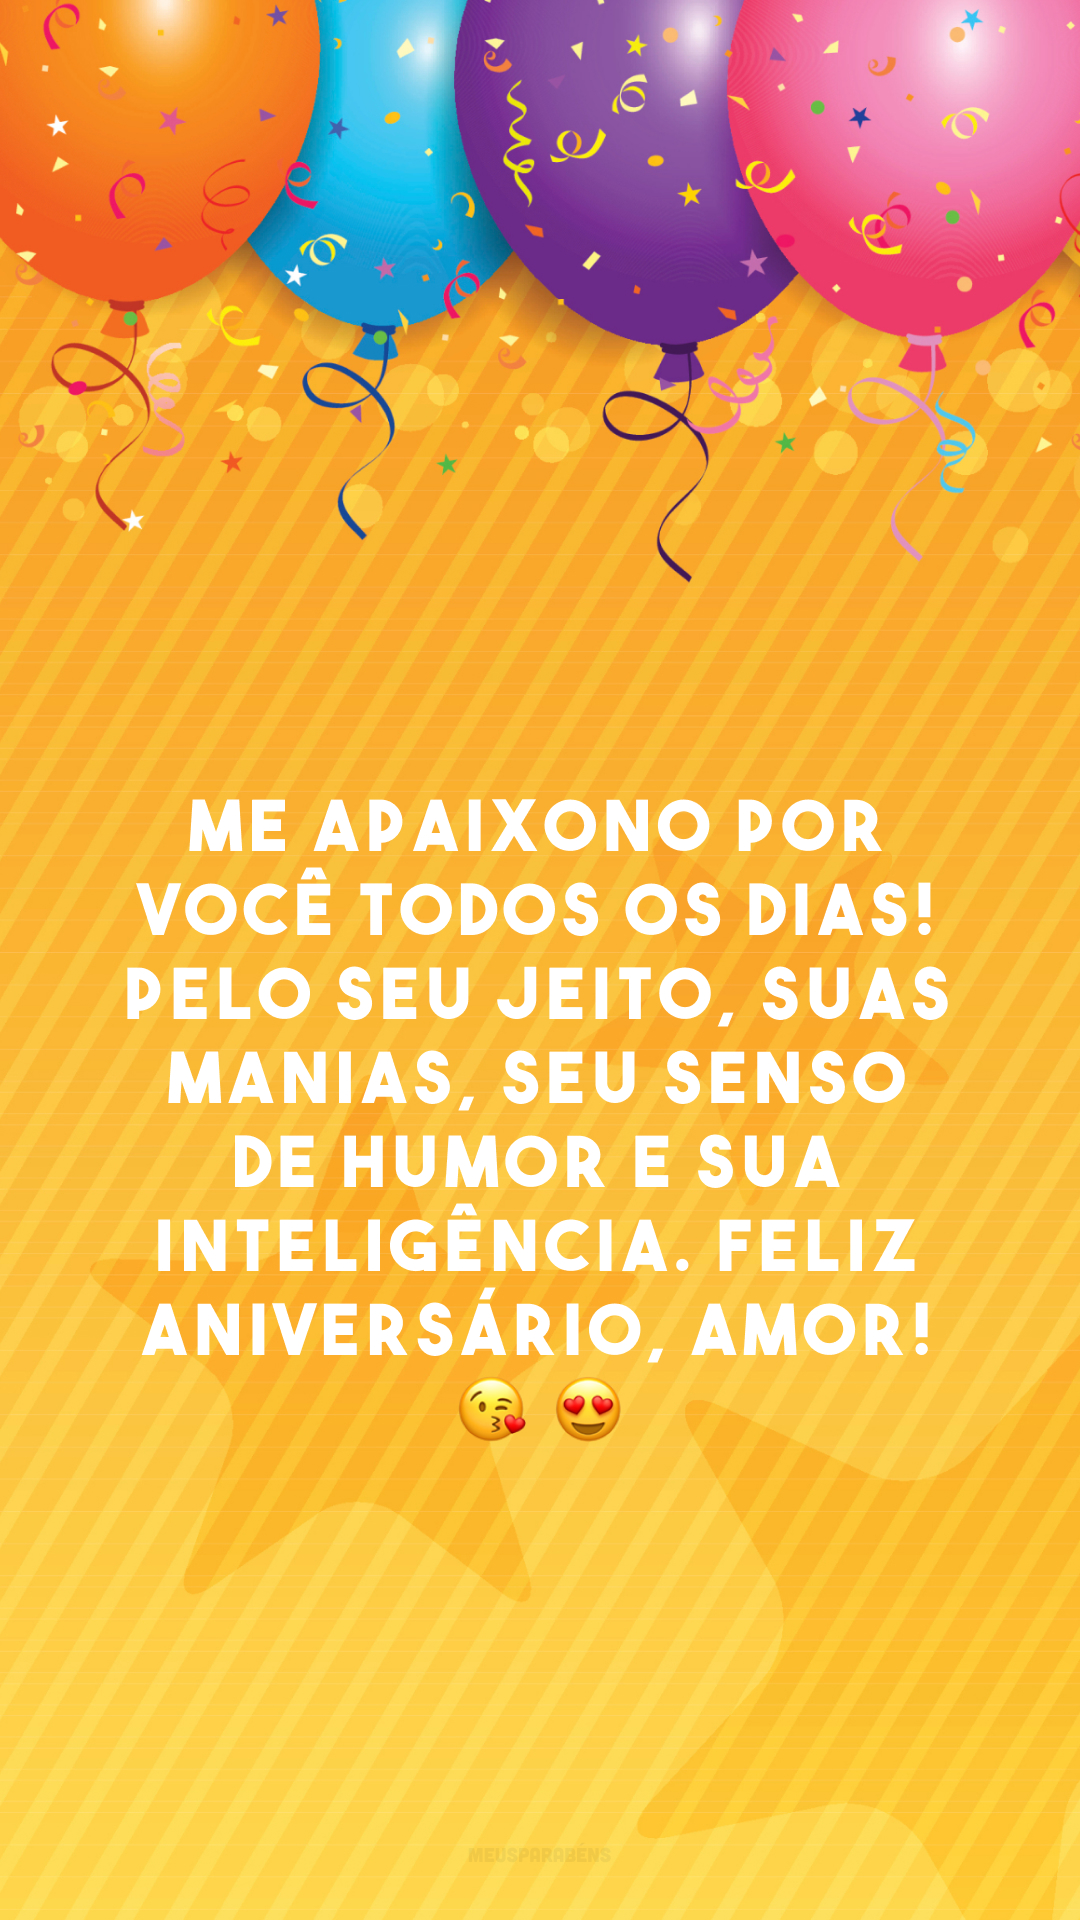 Me apaixono por você todos os dias! Pelo seu jeito, suas manias, seu senso de humor e sua inteligência. Feliz aniversário, amor! 😘 😍